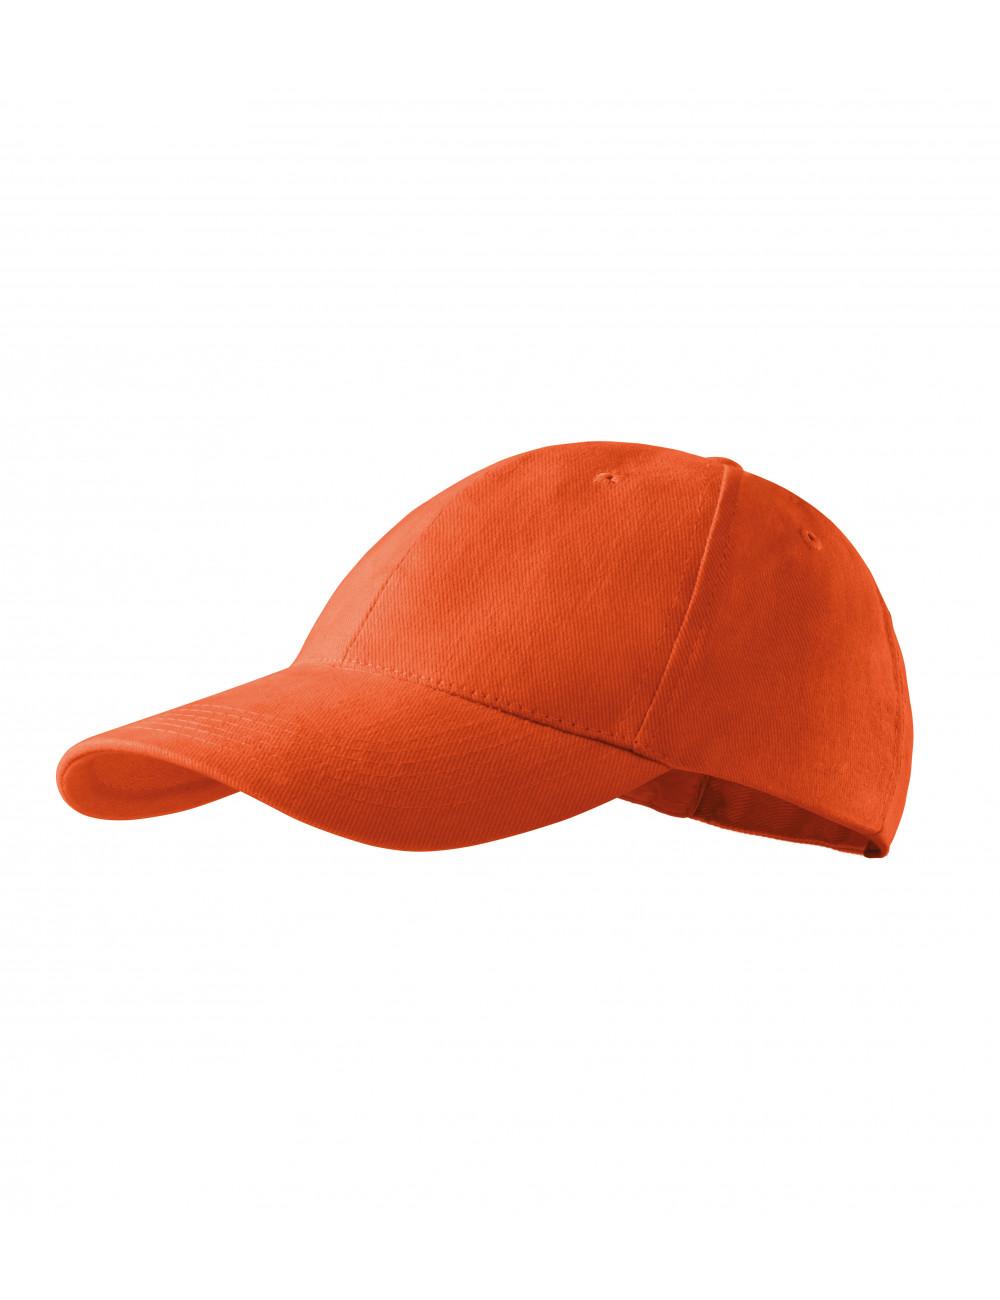 Adler MALFINI Czapka unisex 6P 305 pomarańczowy